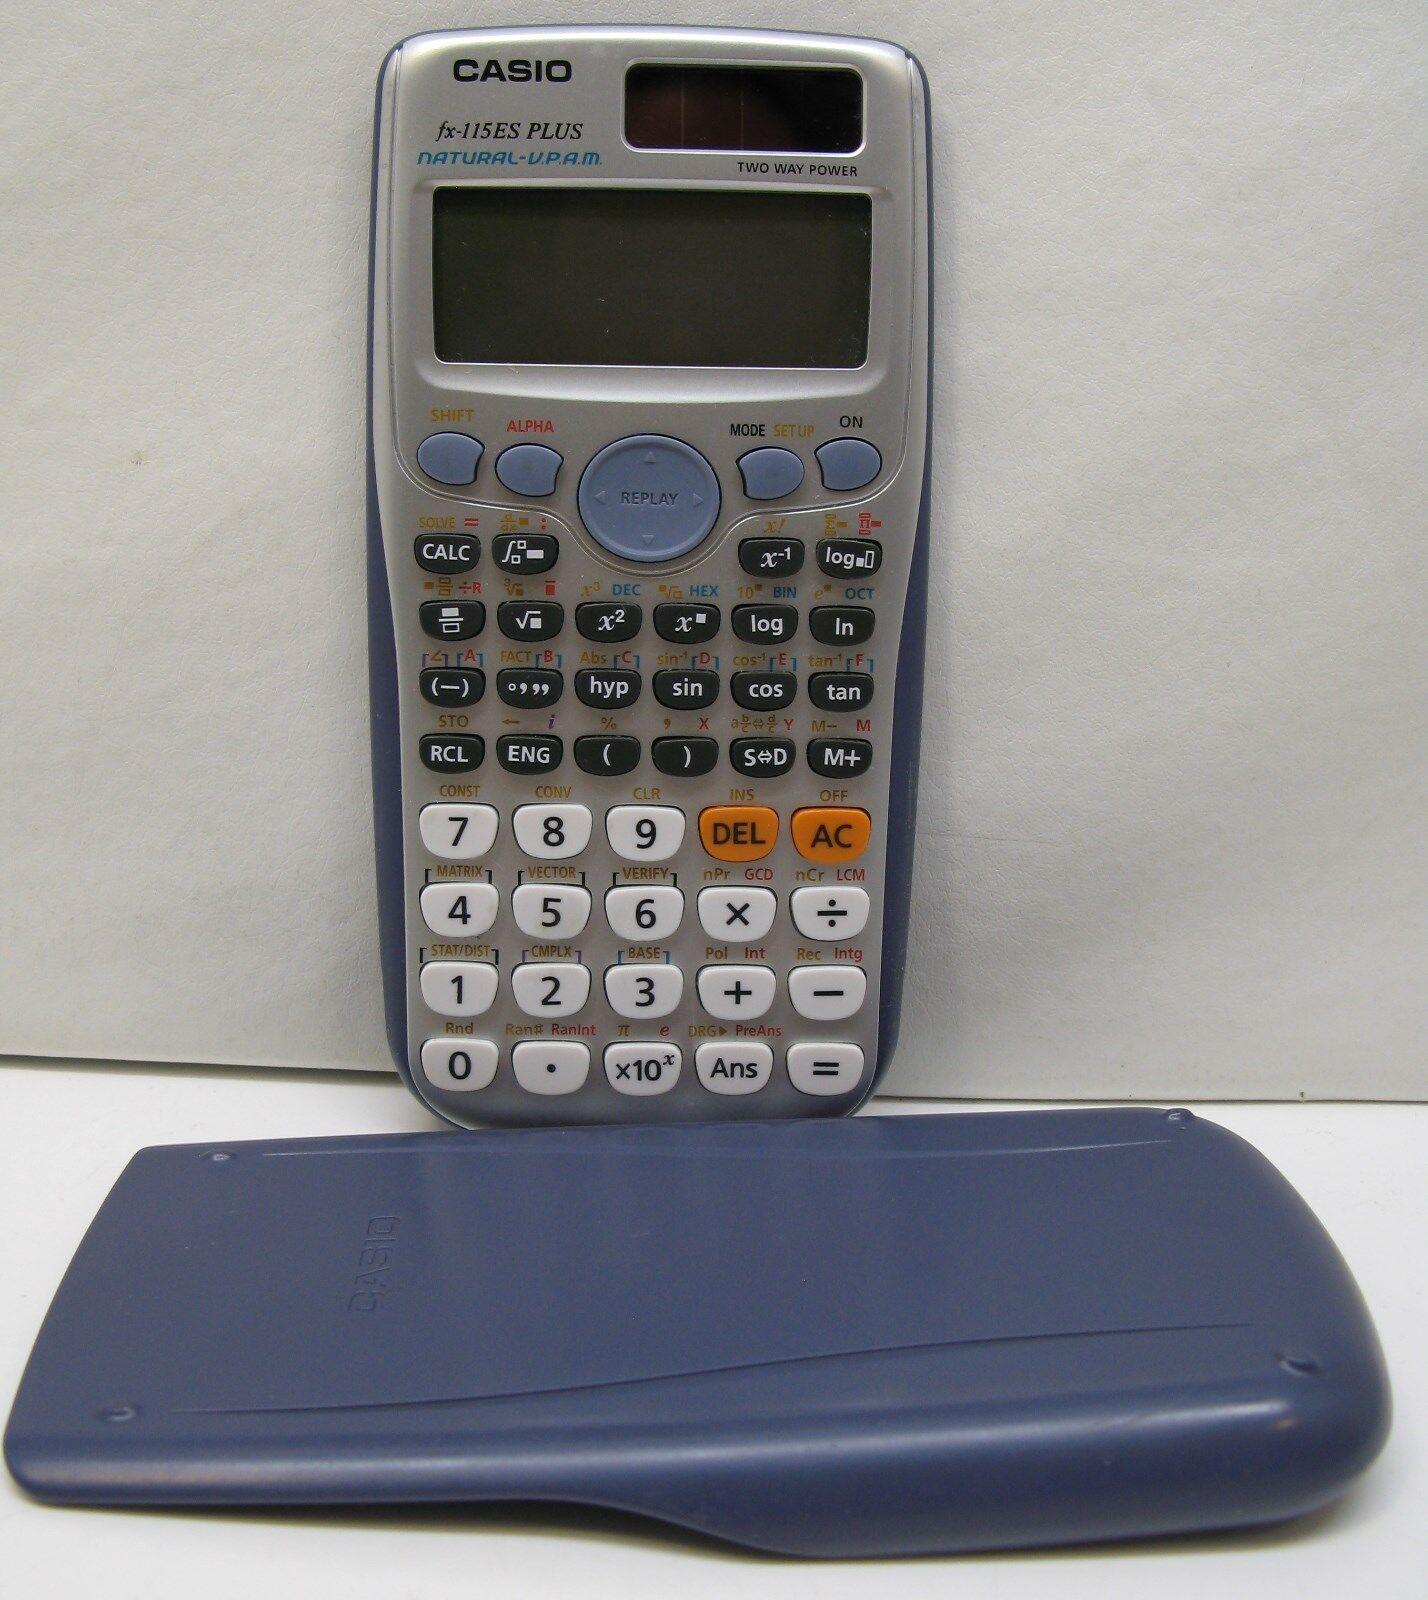 Casio FX-115ES PLUS Scientific Calculator *Very Nice*